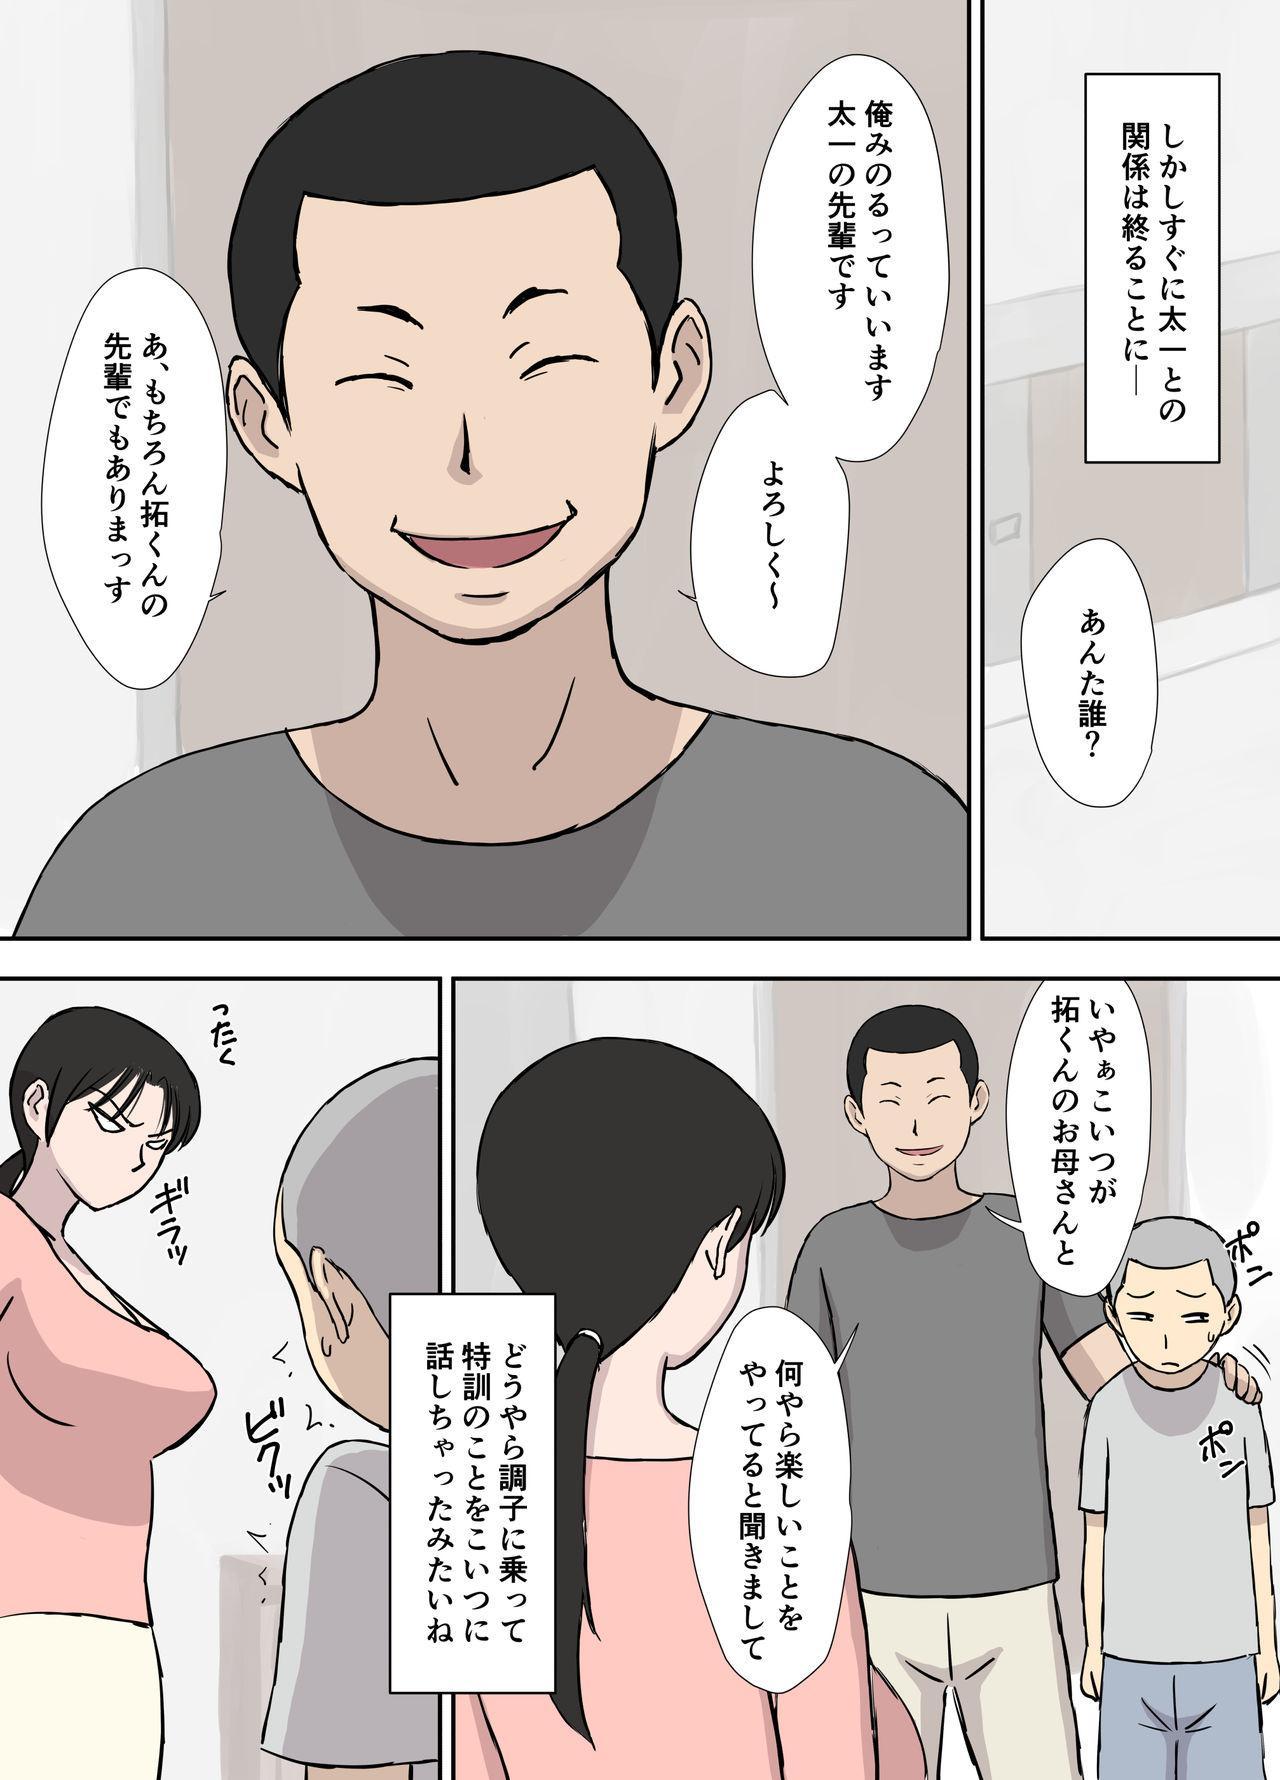 Makezugirai no Kyouko-san 15